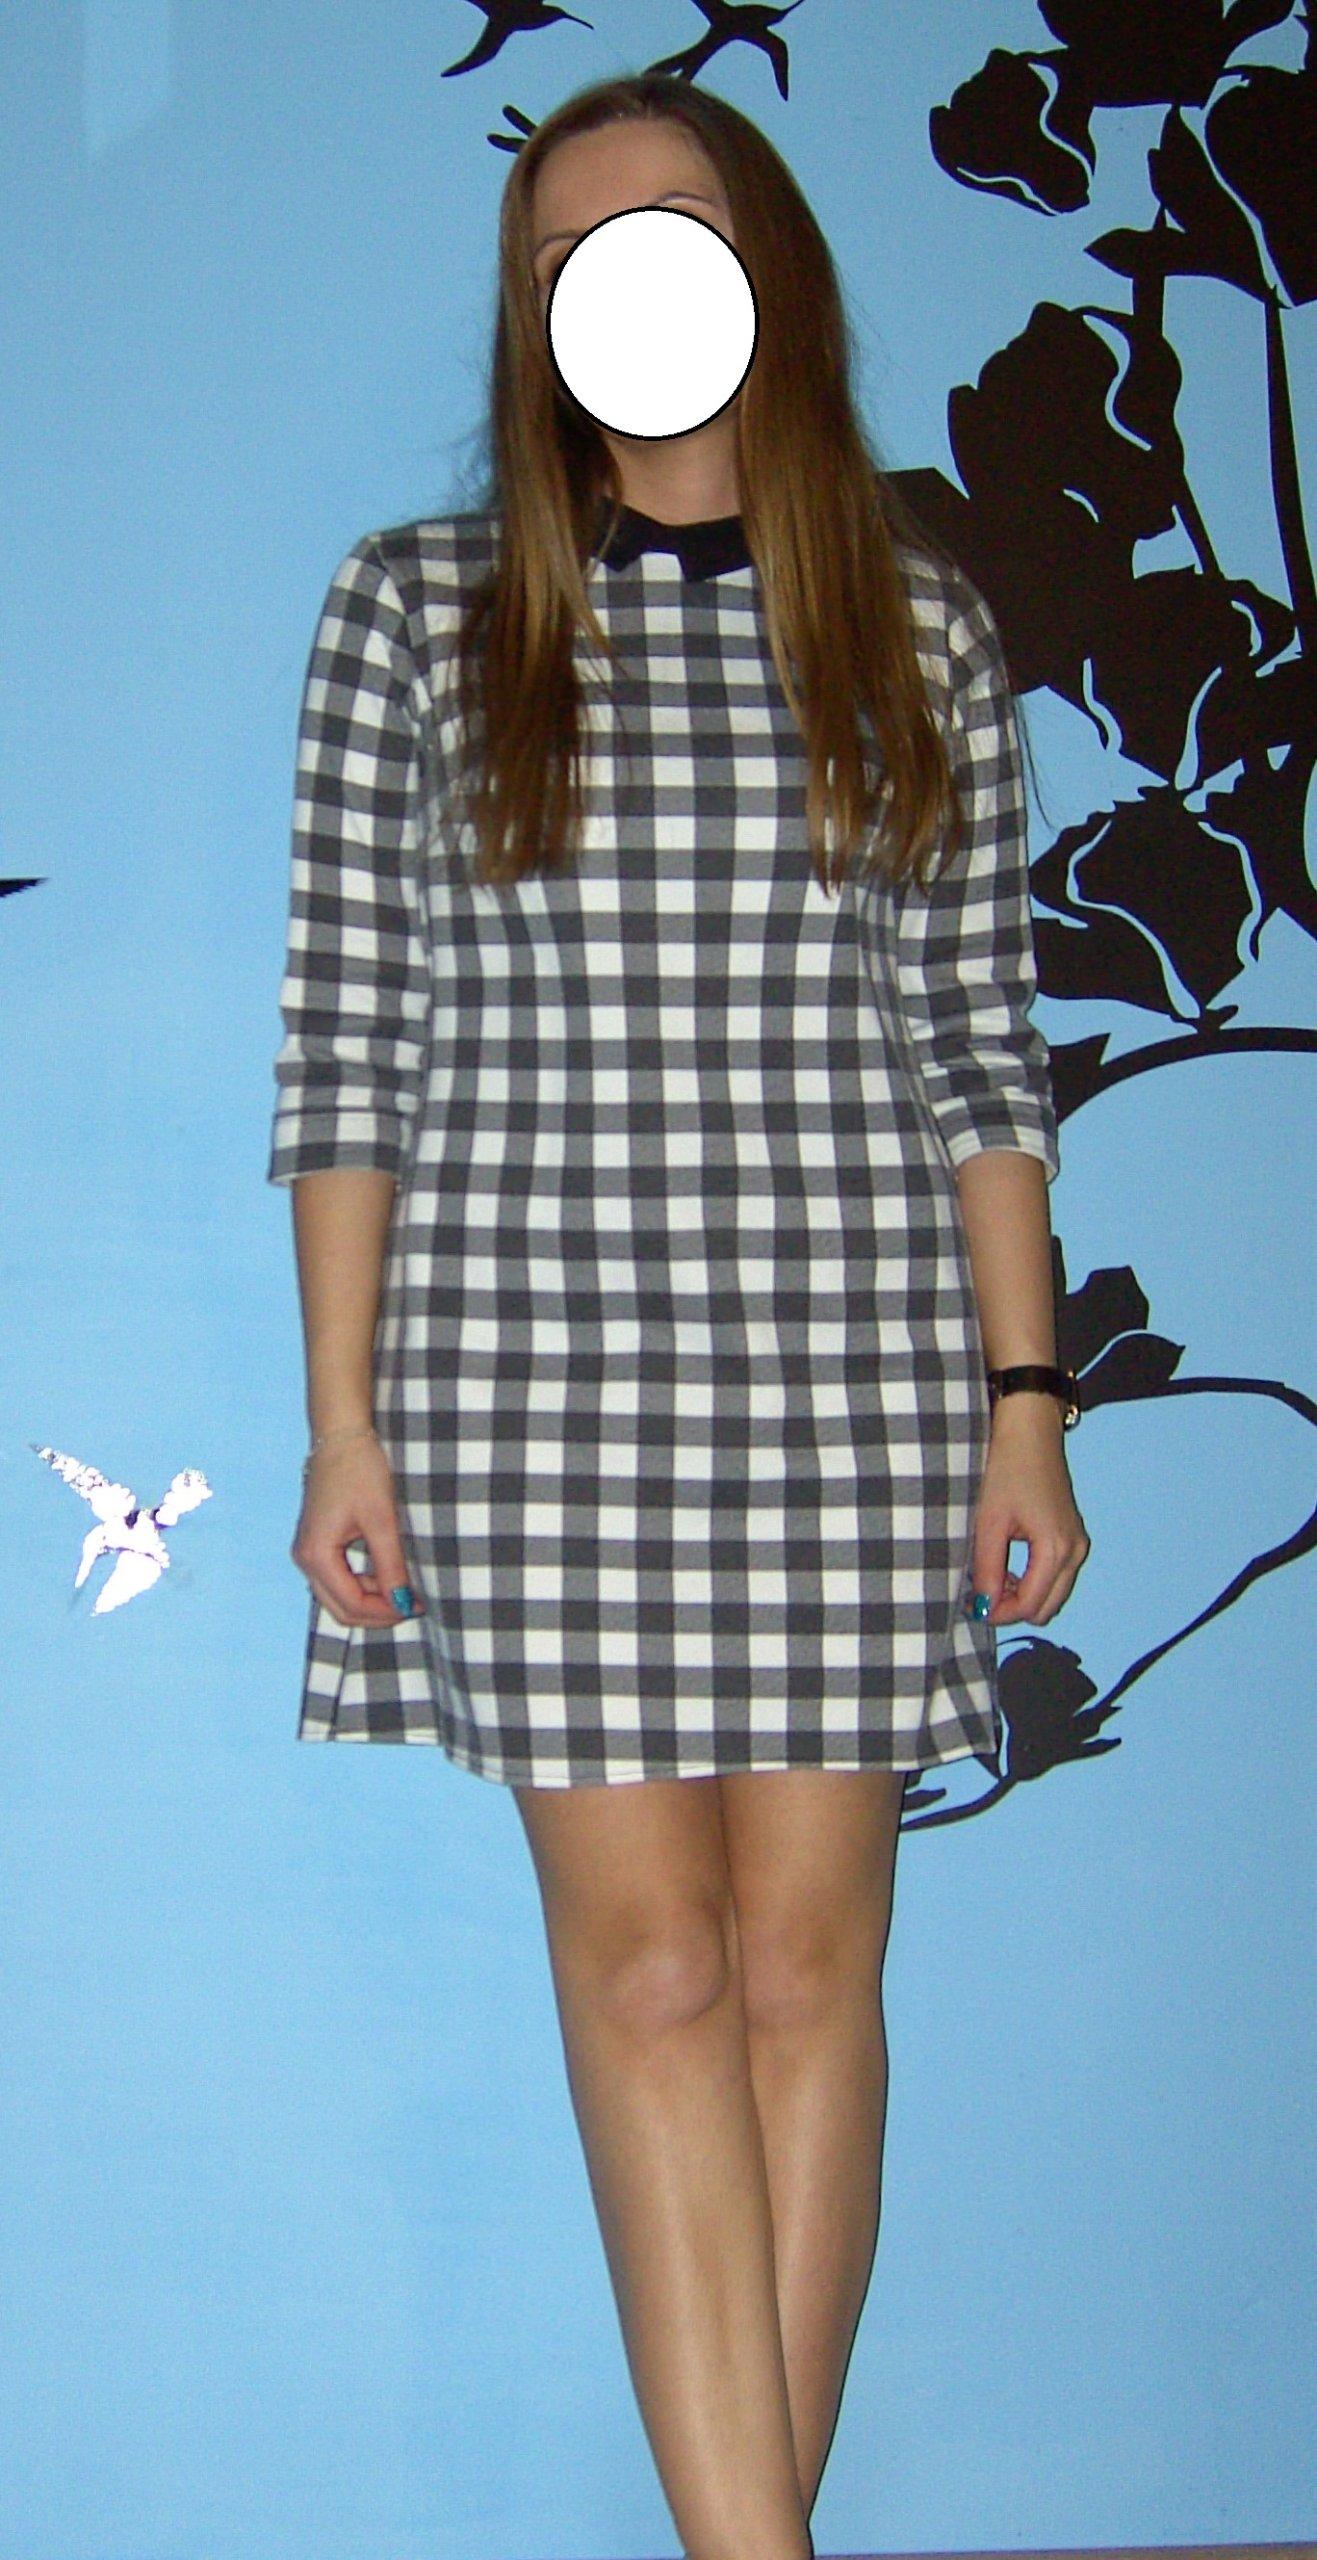 5066b0807f sukienka biało czarna krata luźna L XL - 7331420135 - oficjalne ...